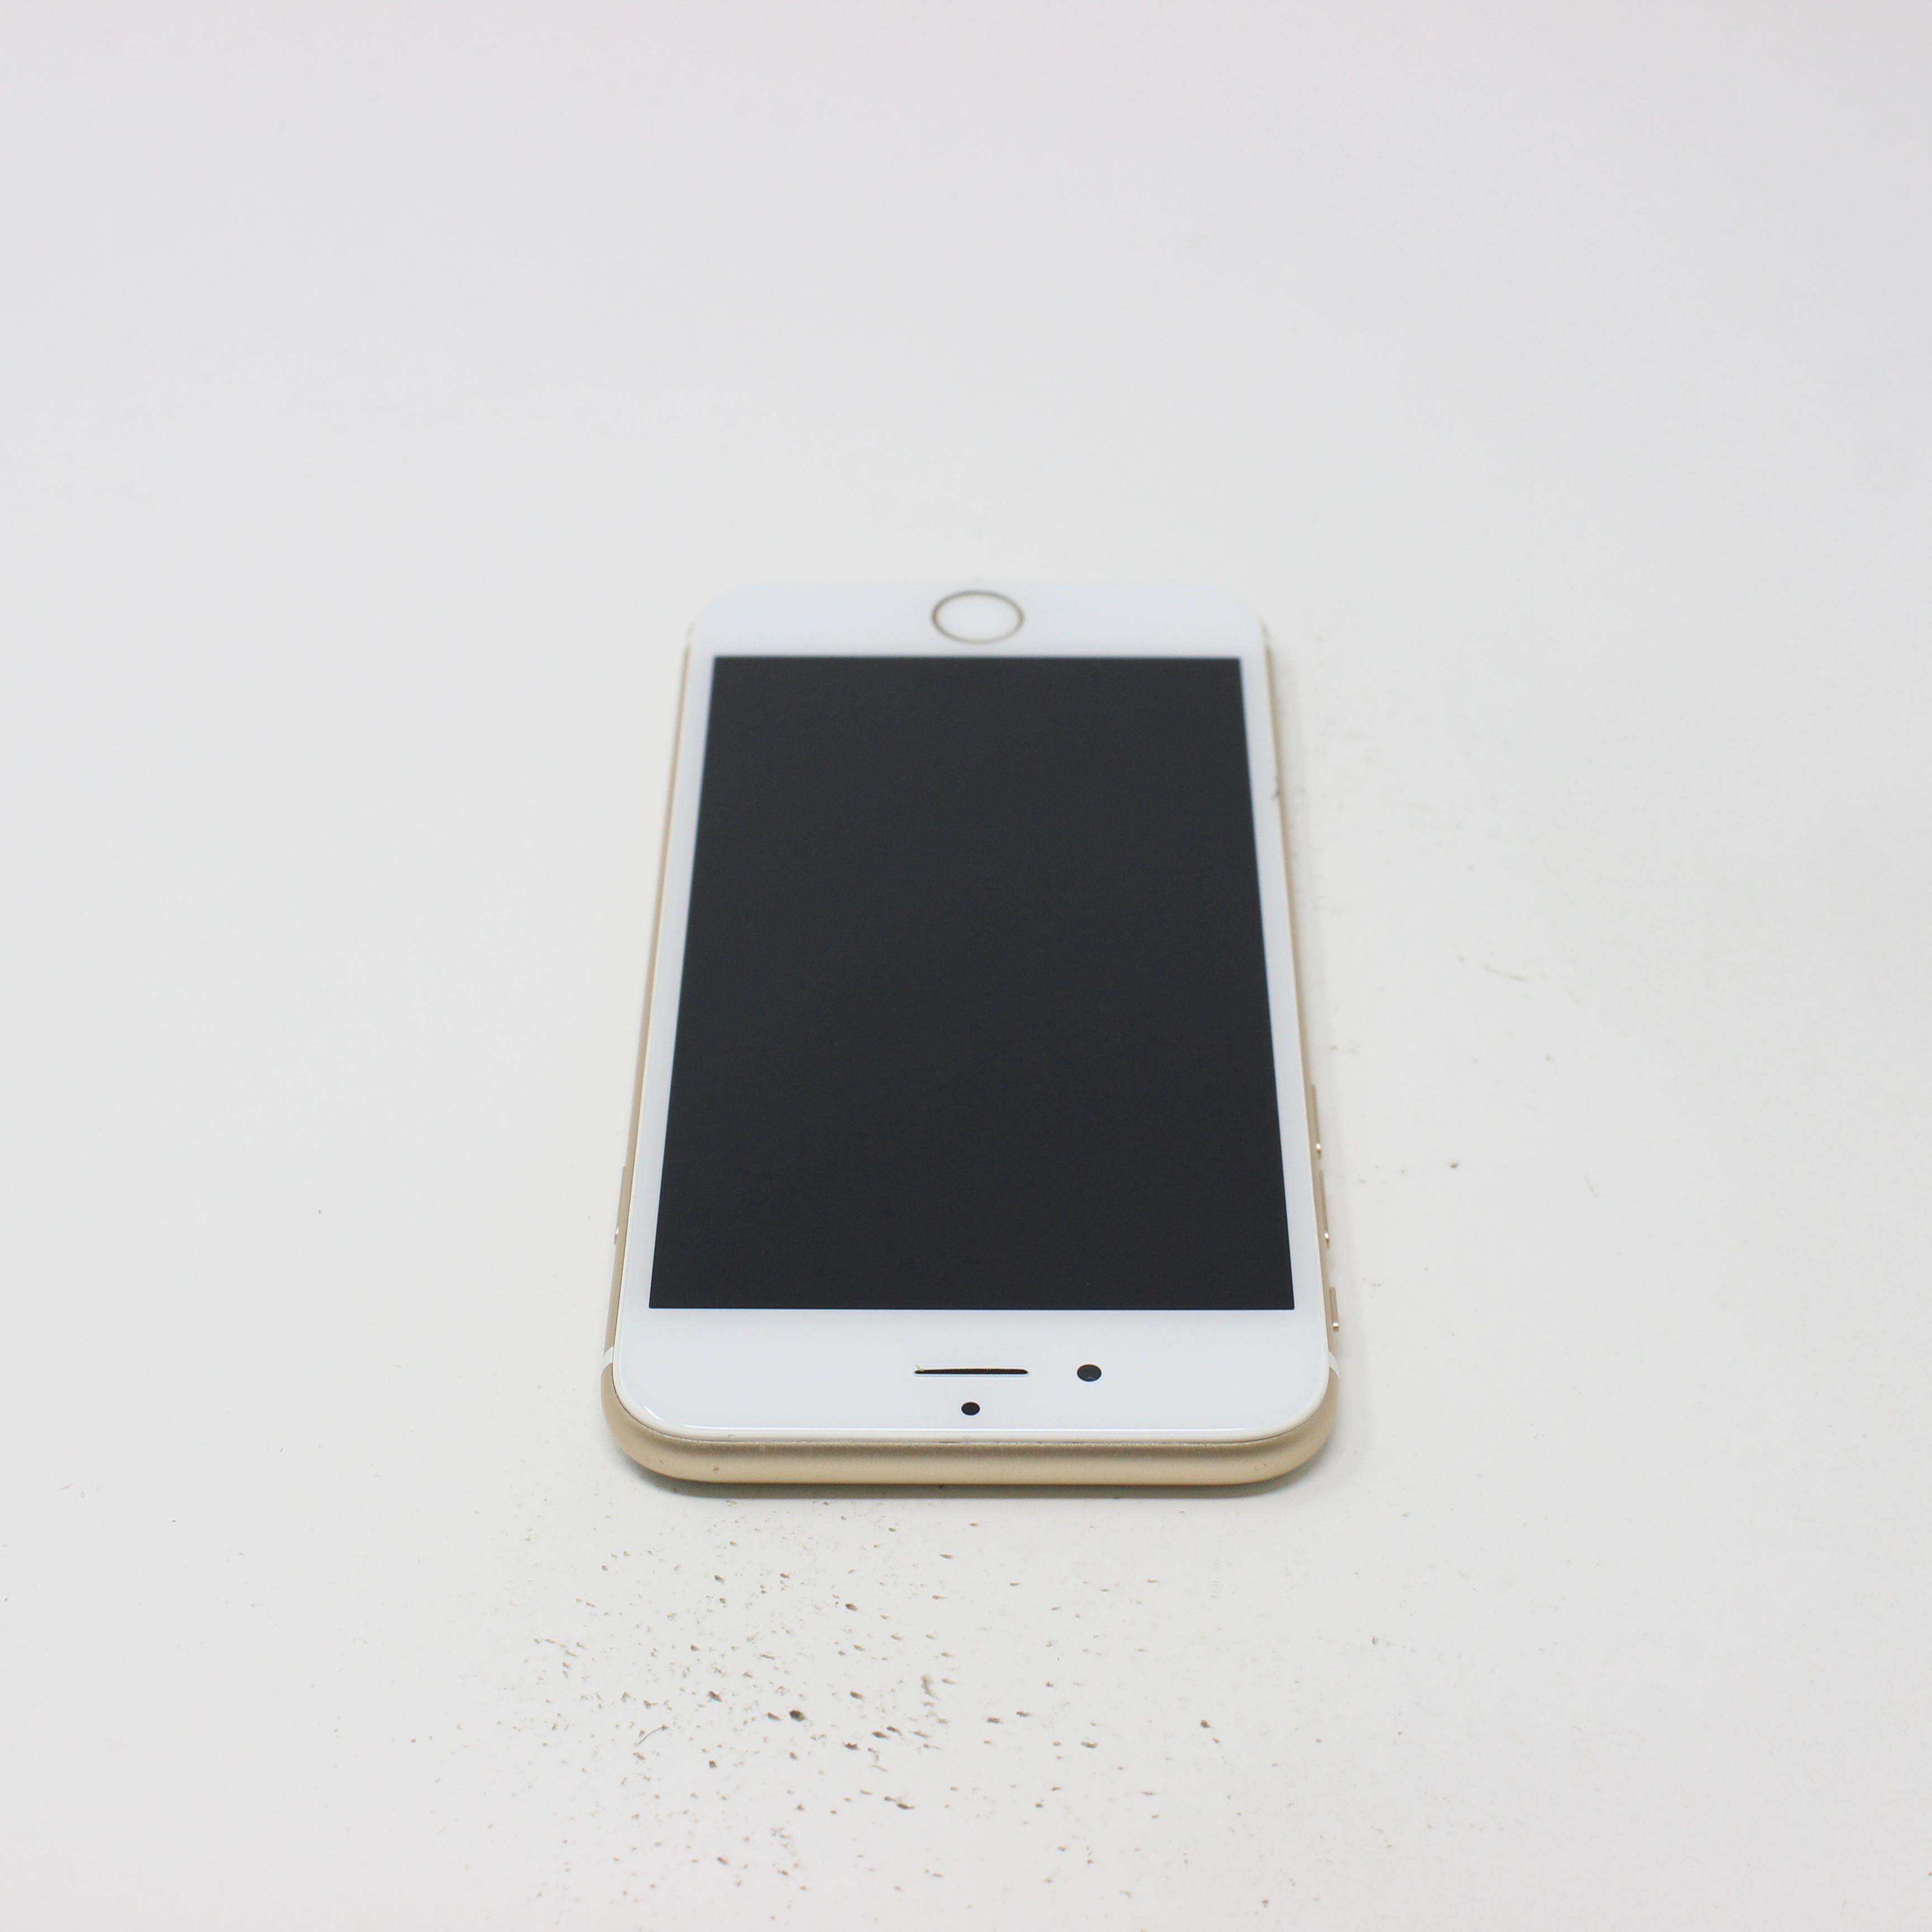 iPhone 6S 16GB Gold - AT&T photo 4 | UpTradeit.com